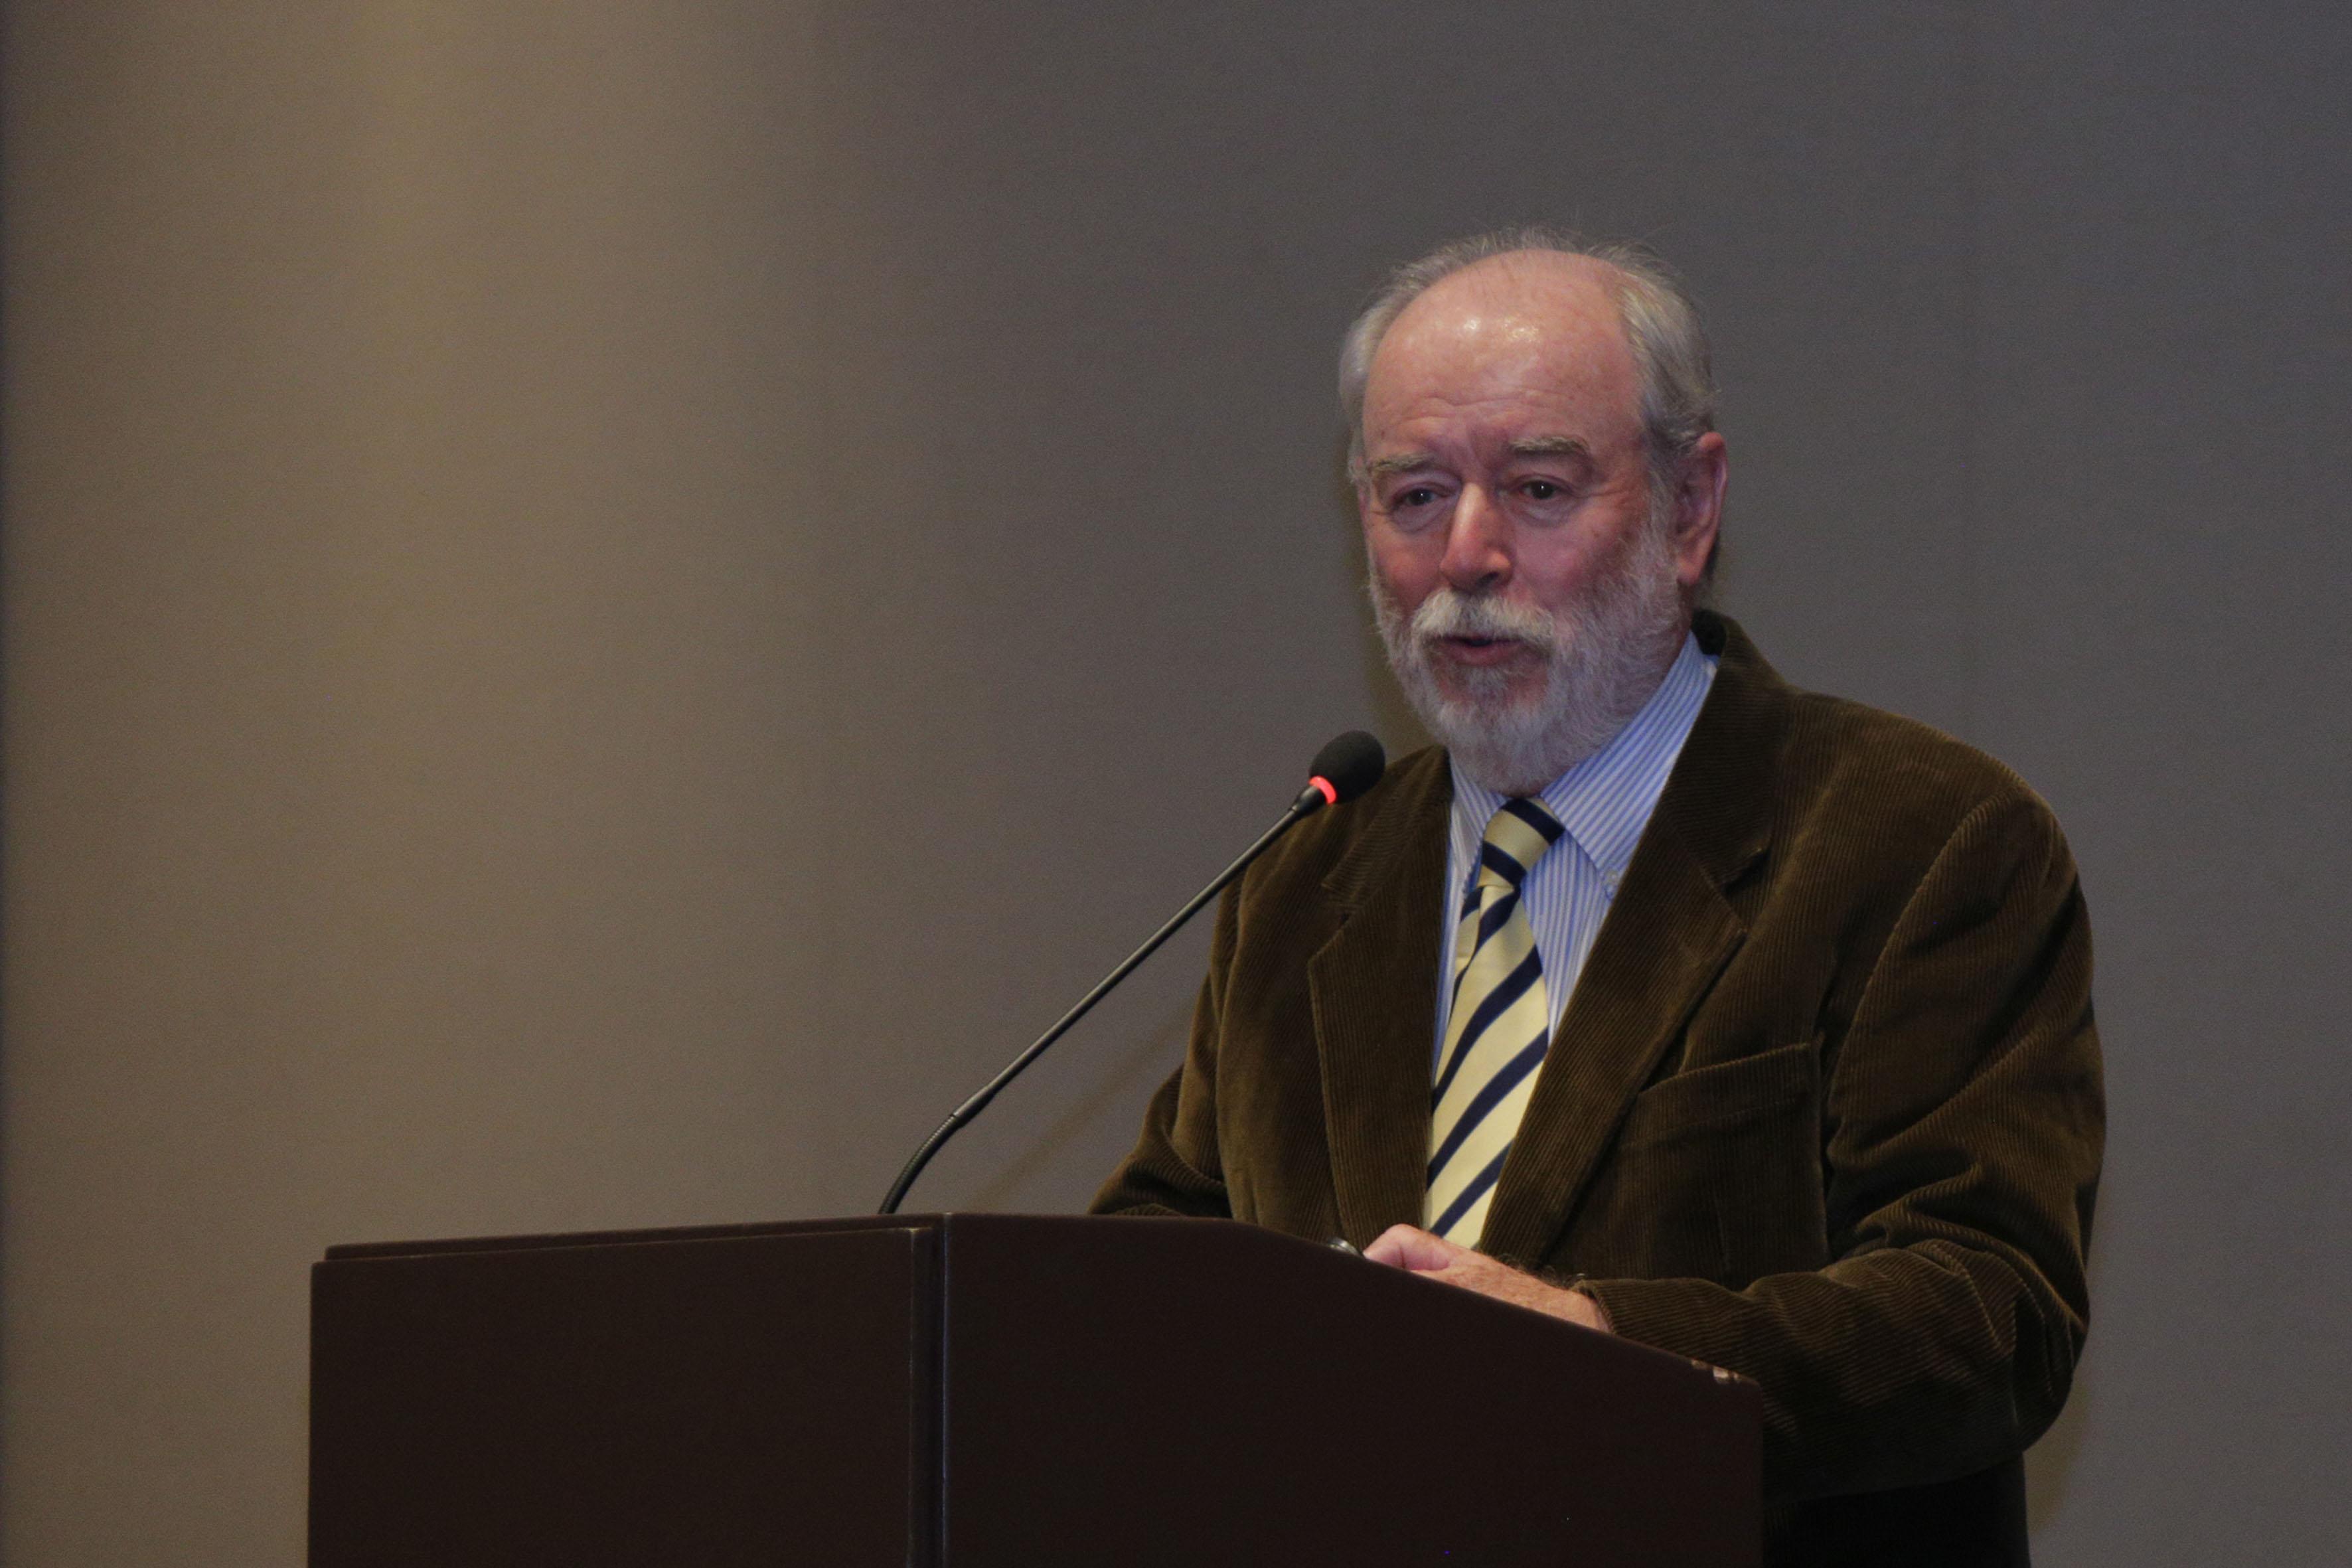 Exequiel Ezcurra quien es investigador, profesor y divulgador científico, así como uno de los pioneros en la elaboración de estudios de impacto ambiental en México, haciendo uso de la palabra